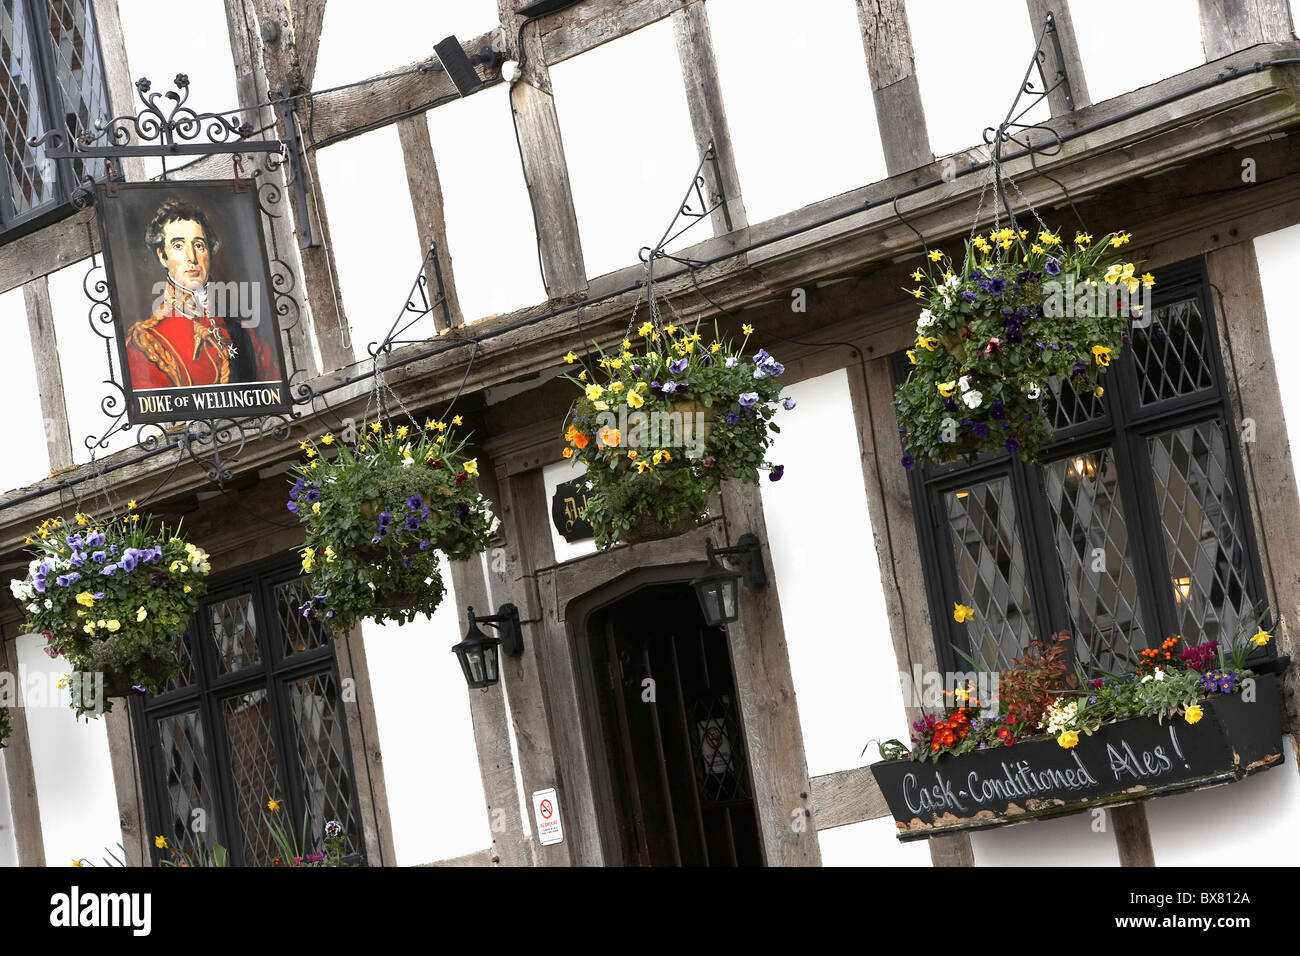 Duke of Wellington public house Southampton UK - Stock Image